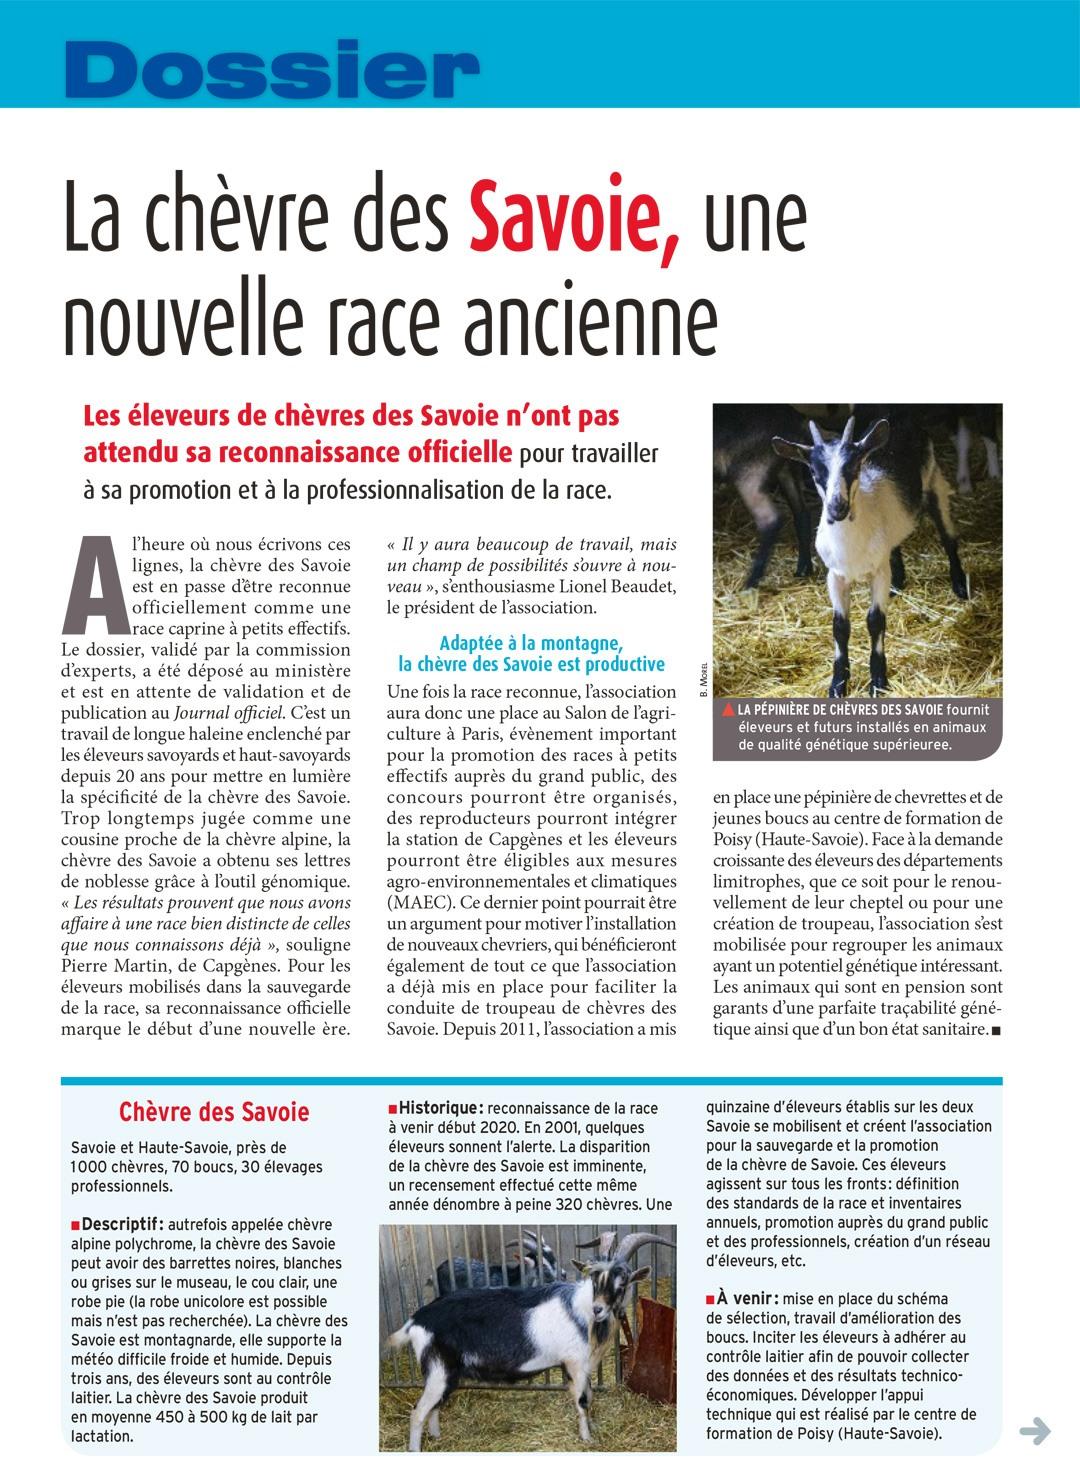 La chèvre des Savoie, une nouvelle race ancienne